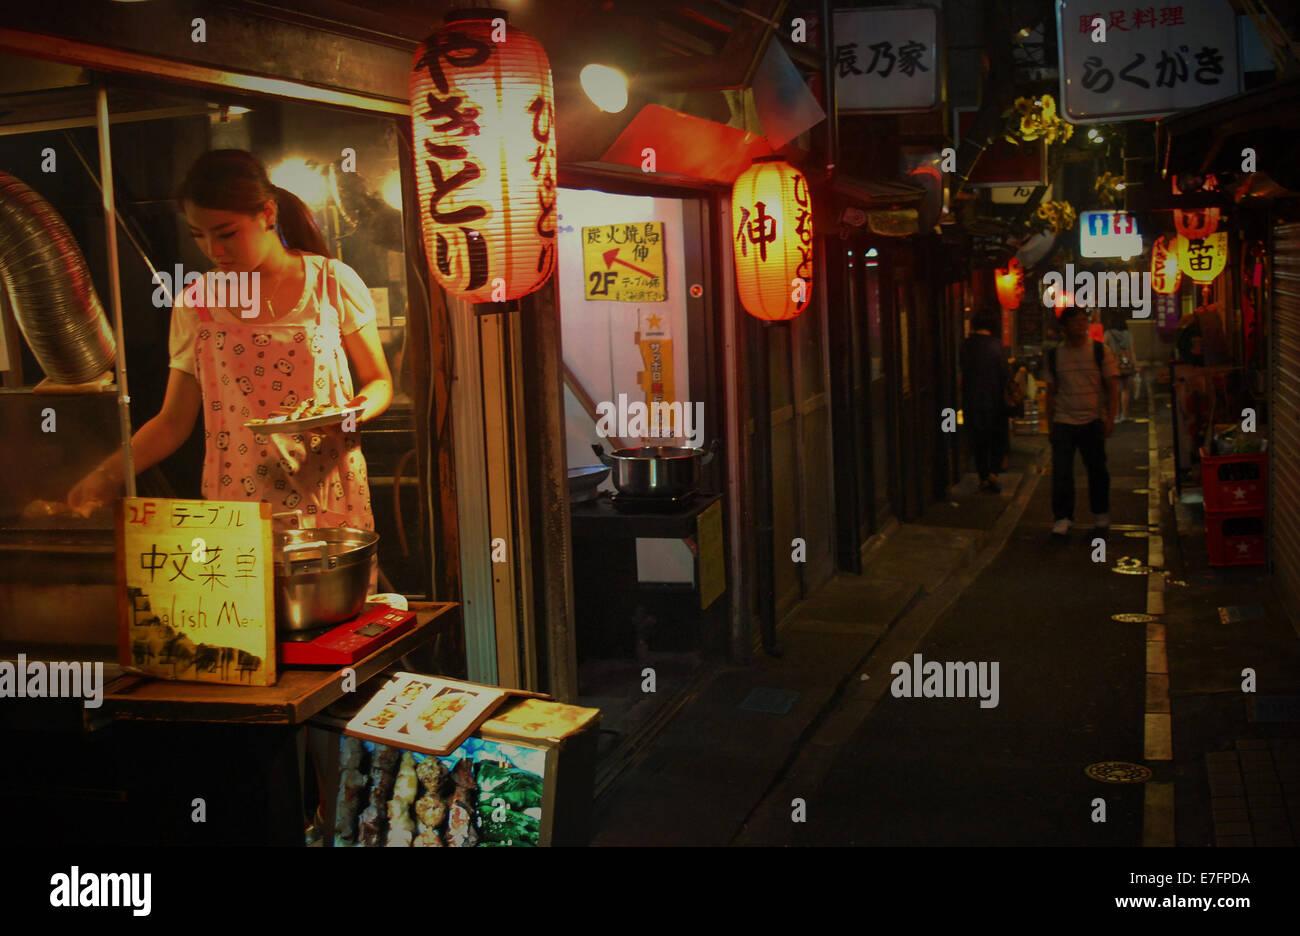 Food stall, Tokyo, Japan - Stock Image